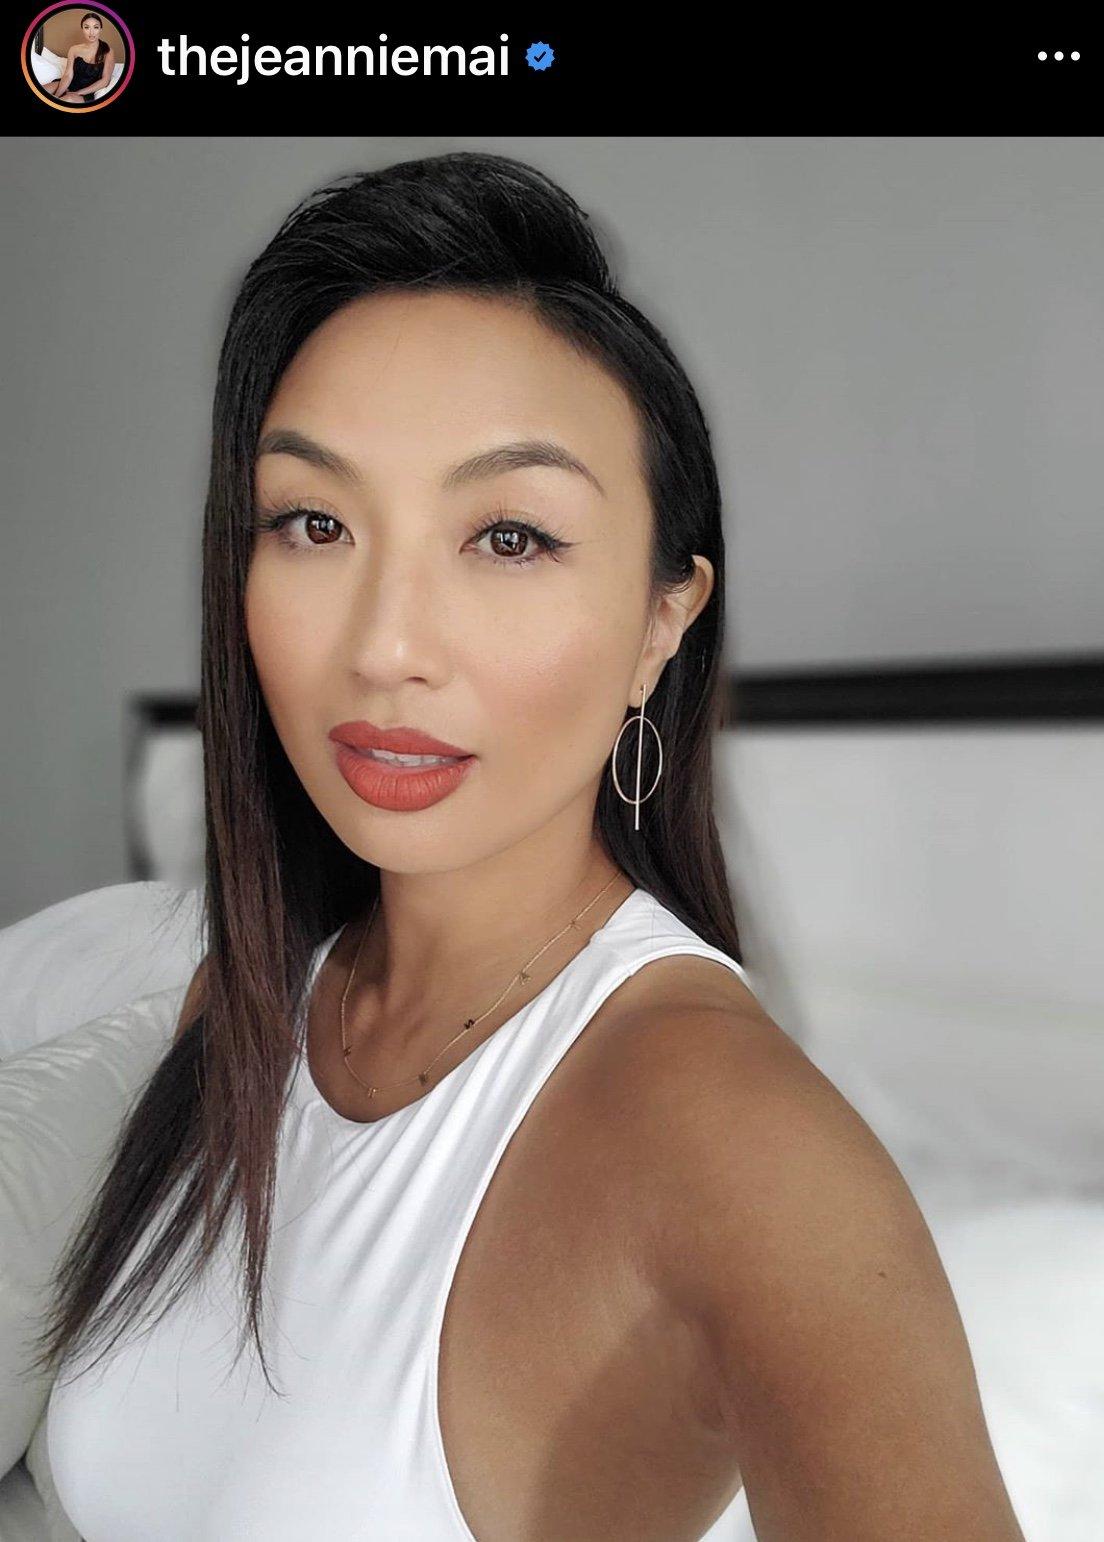 Nikki on the 'Listen Hunnay' Podcast with Jeannie Mai